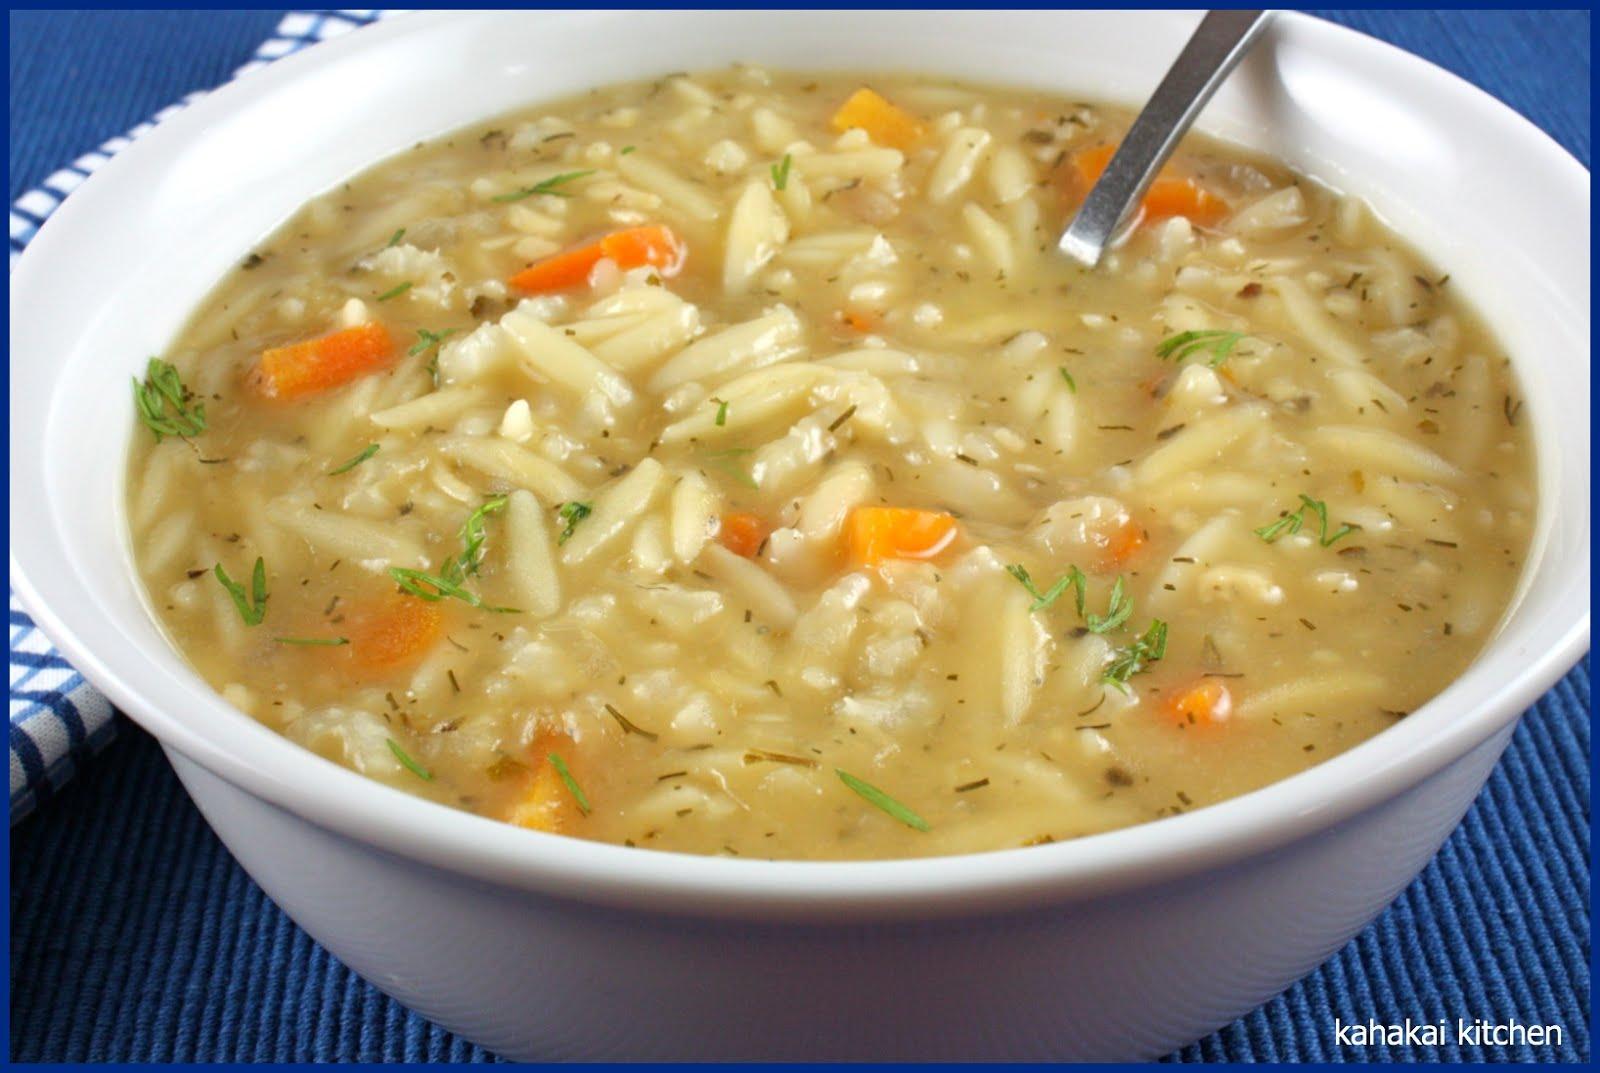 Greek chicken lemon soup recipe | Food fox recipes